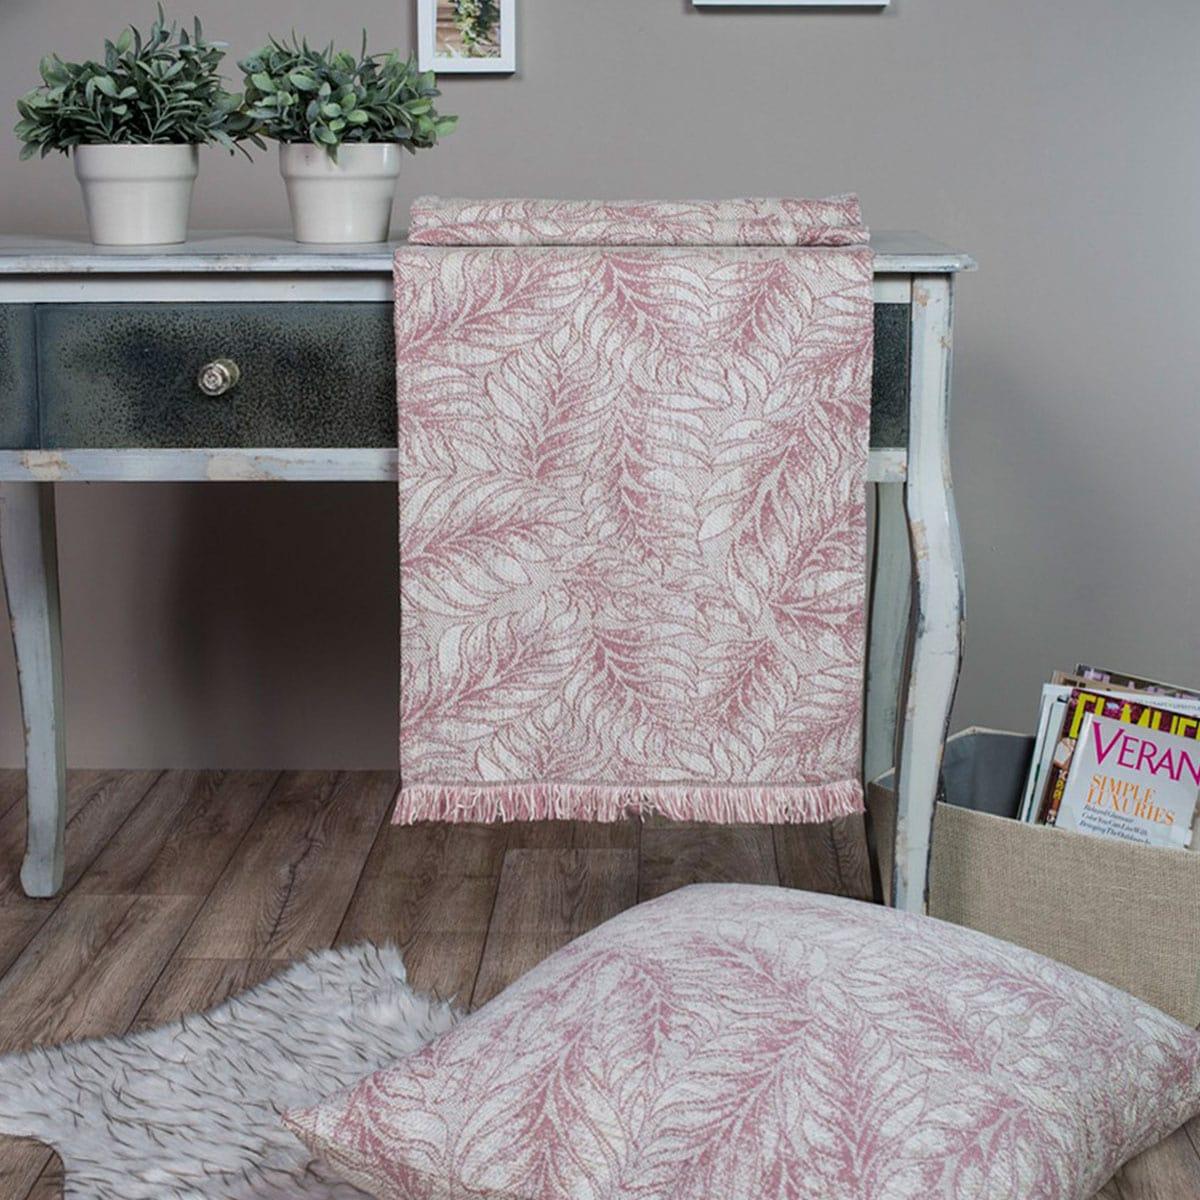 Μαξιλάρι Διακοσμητικό (Με Γέμιση) Δαπέδου Illinois 12 Rose Teoran 60X60 Ακρυλικό-Polyester